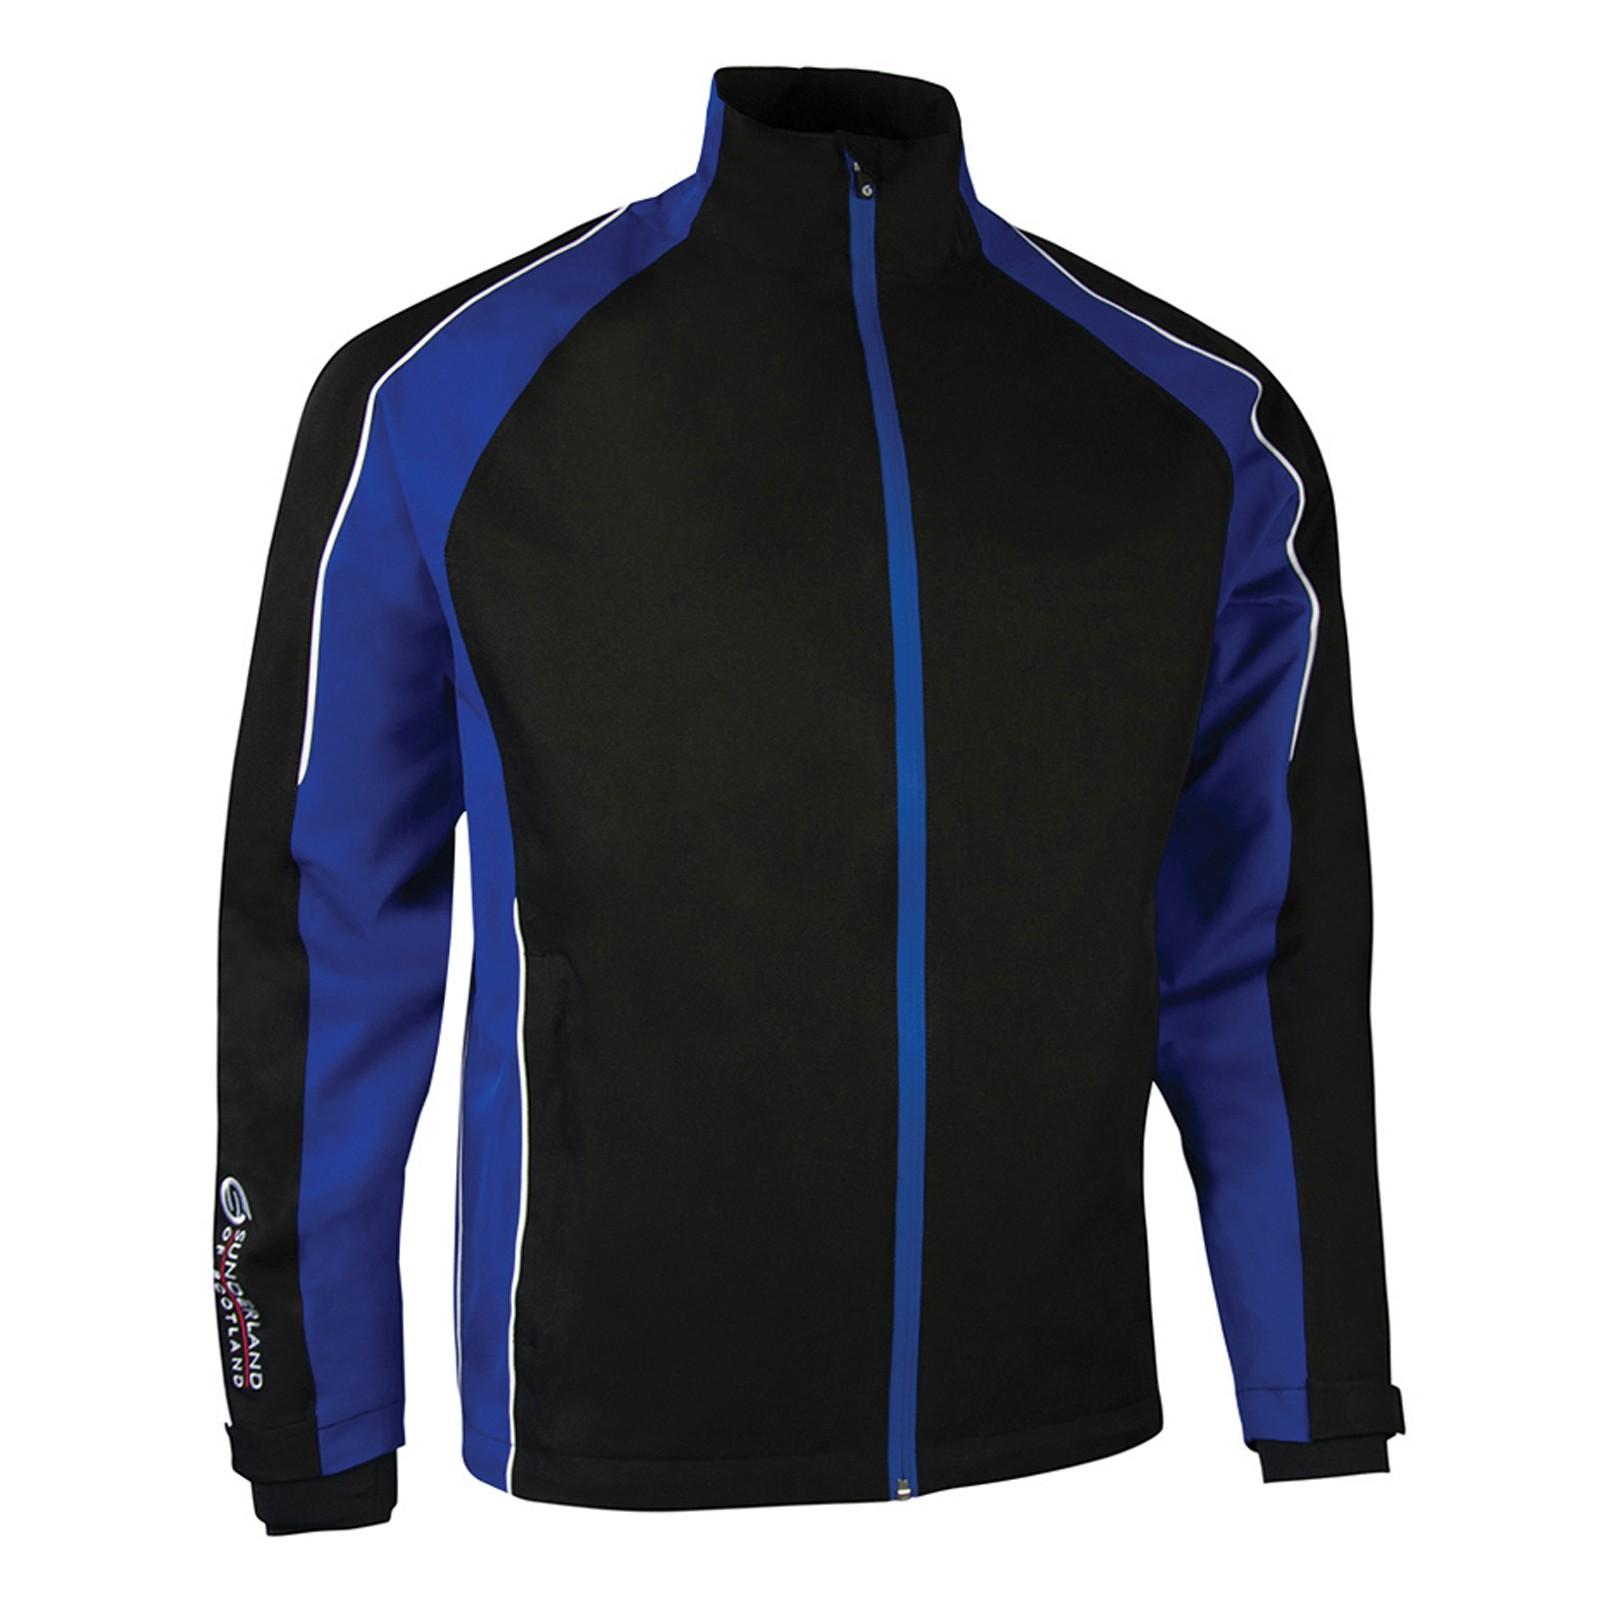 Sunderland Vancouver Pro Jackets